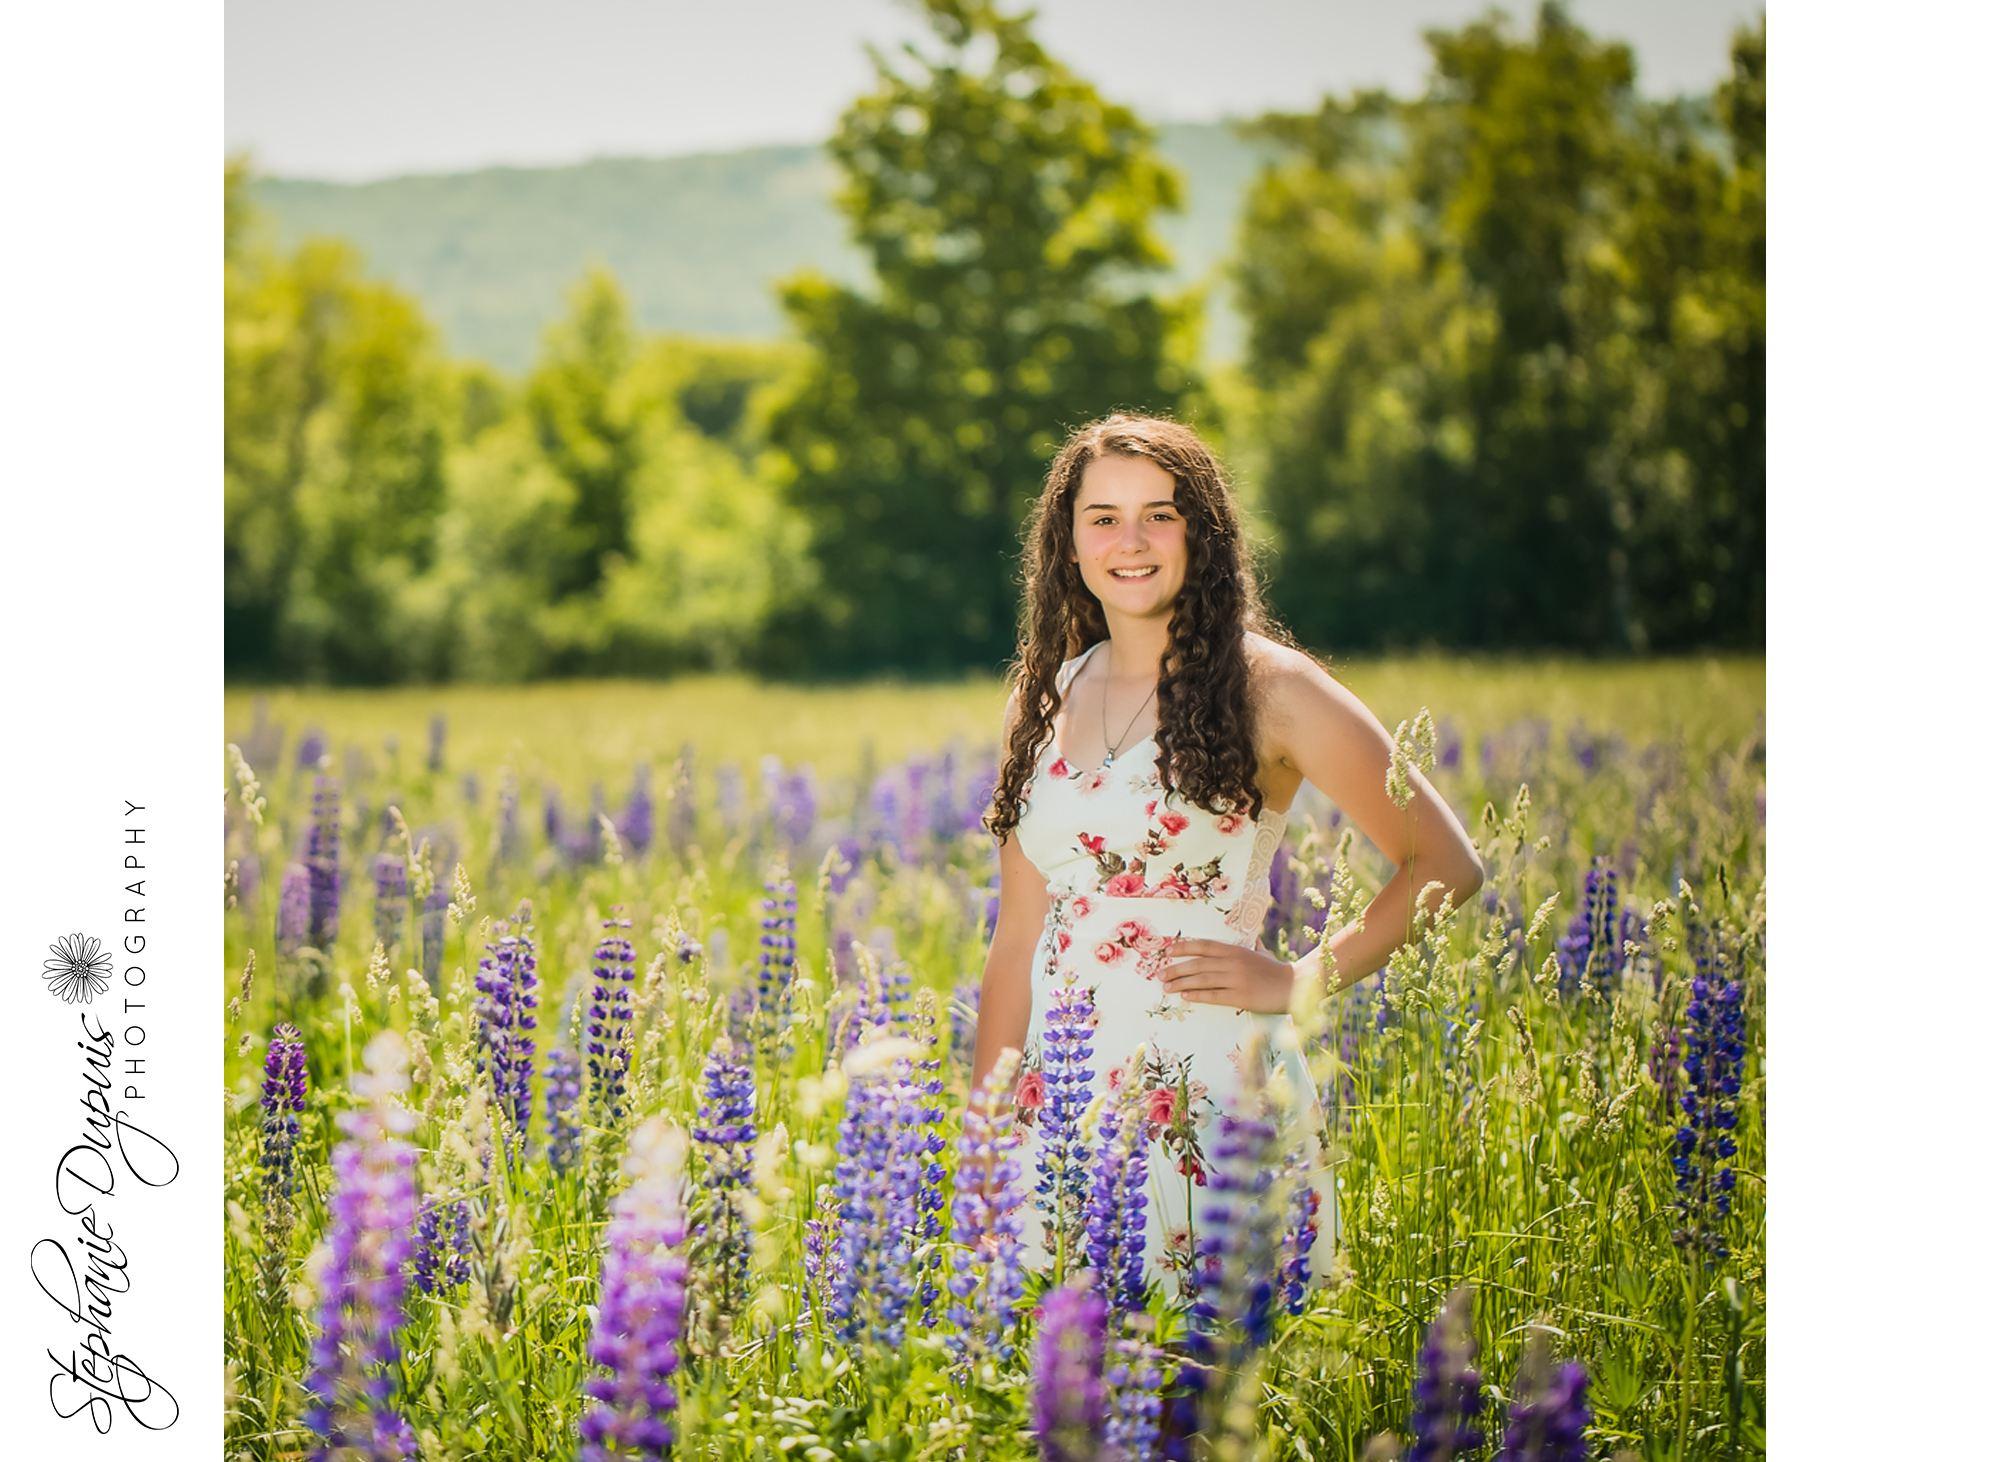 Stephanie 4 e - Portfolio: Stephanie's Senior Session